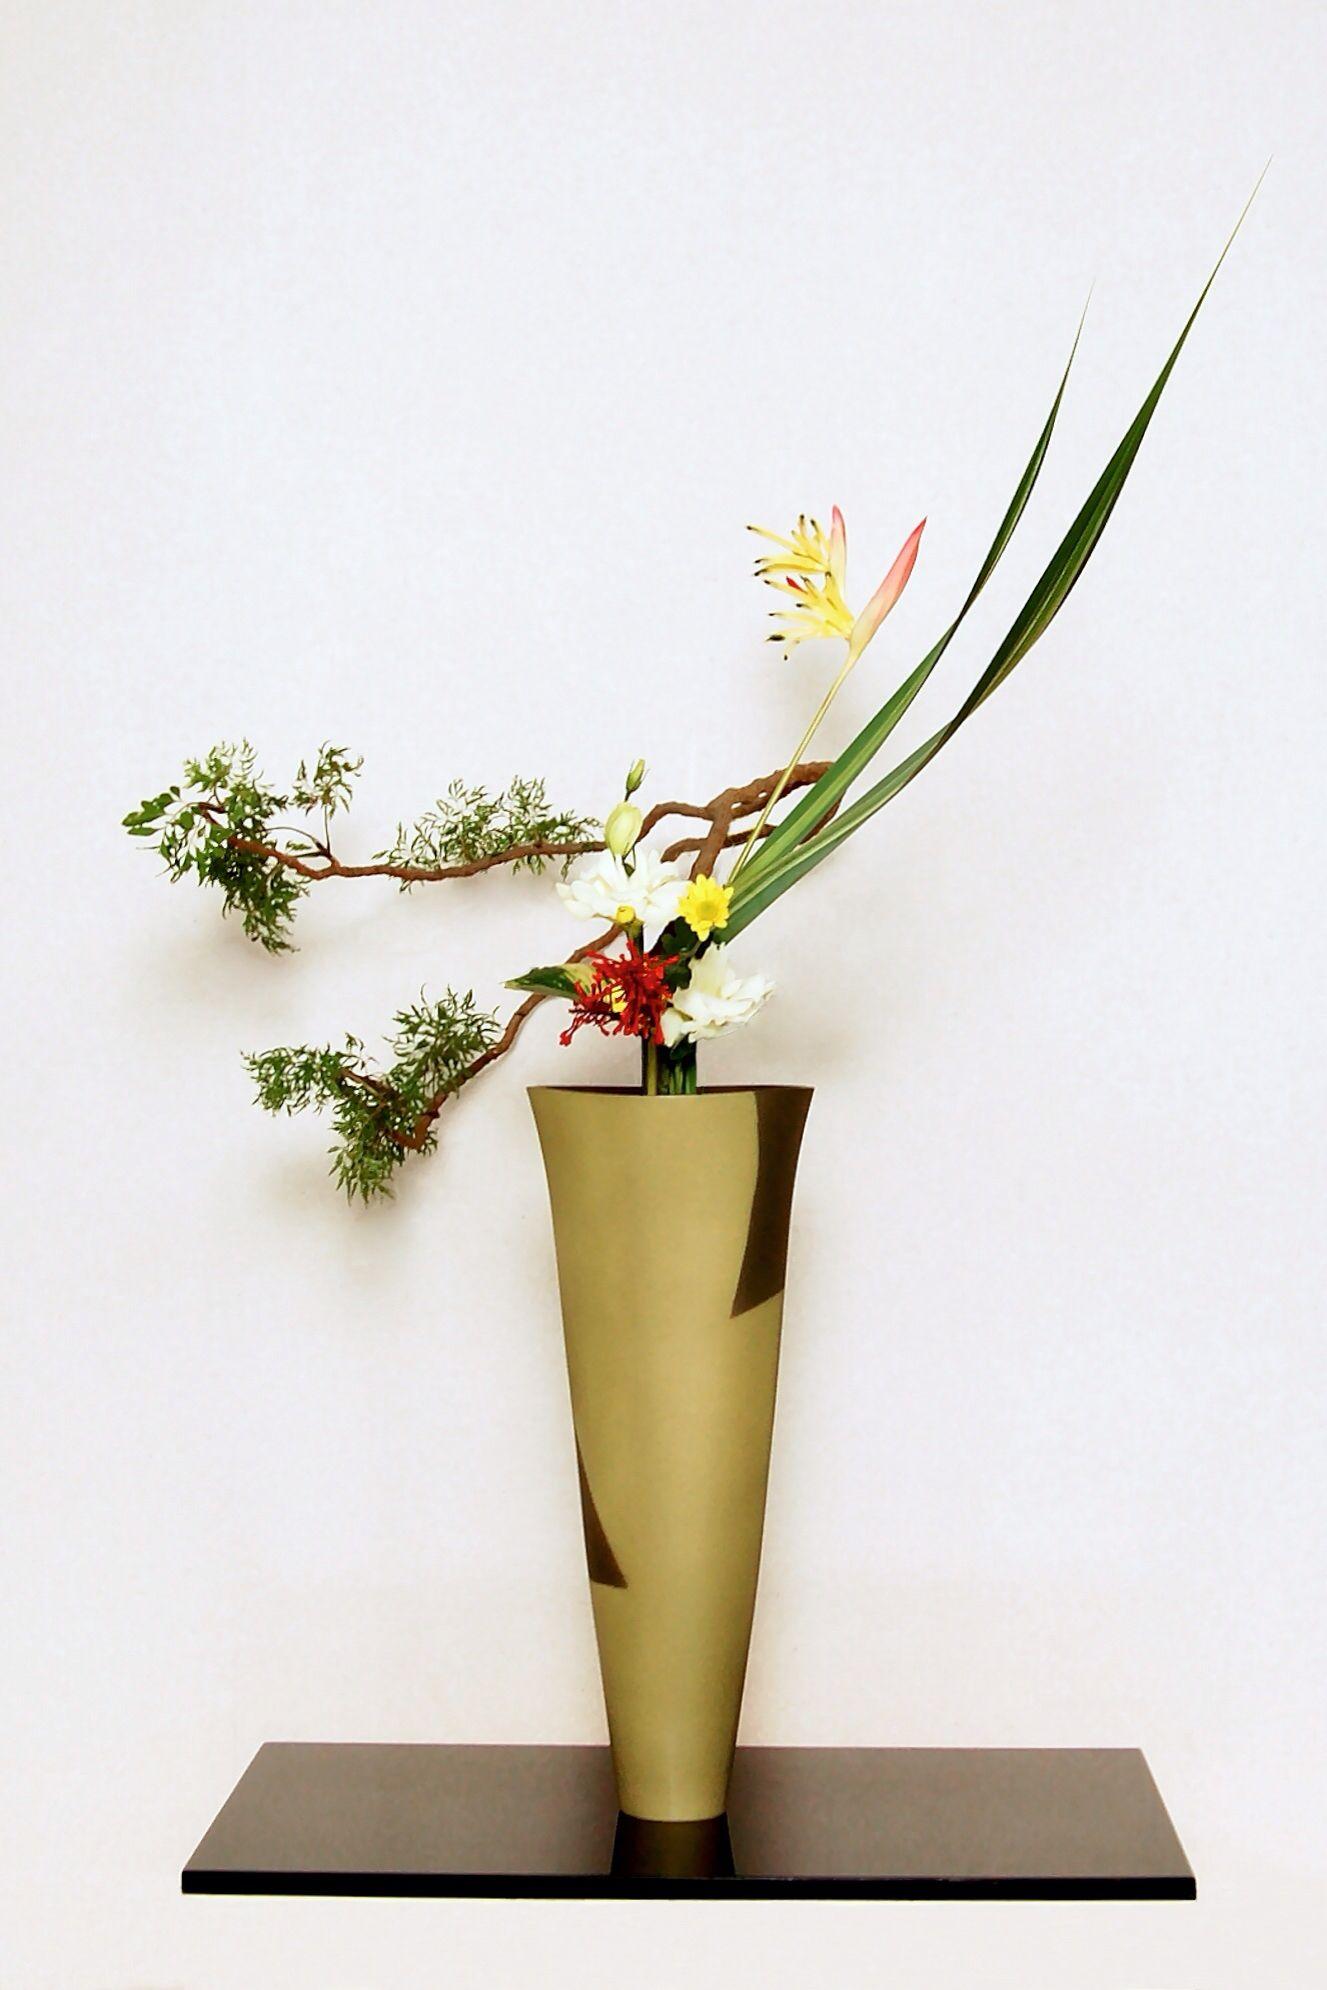 Ikebana ikenobo rikka shimputai by Lusy Wahyudi. Indonesia